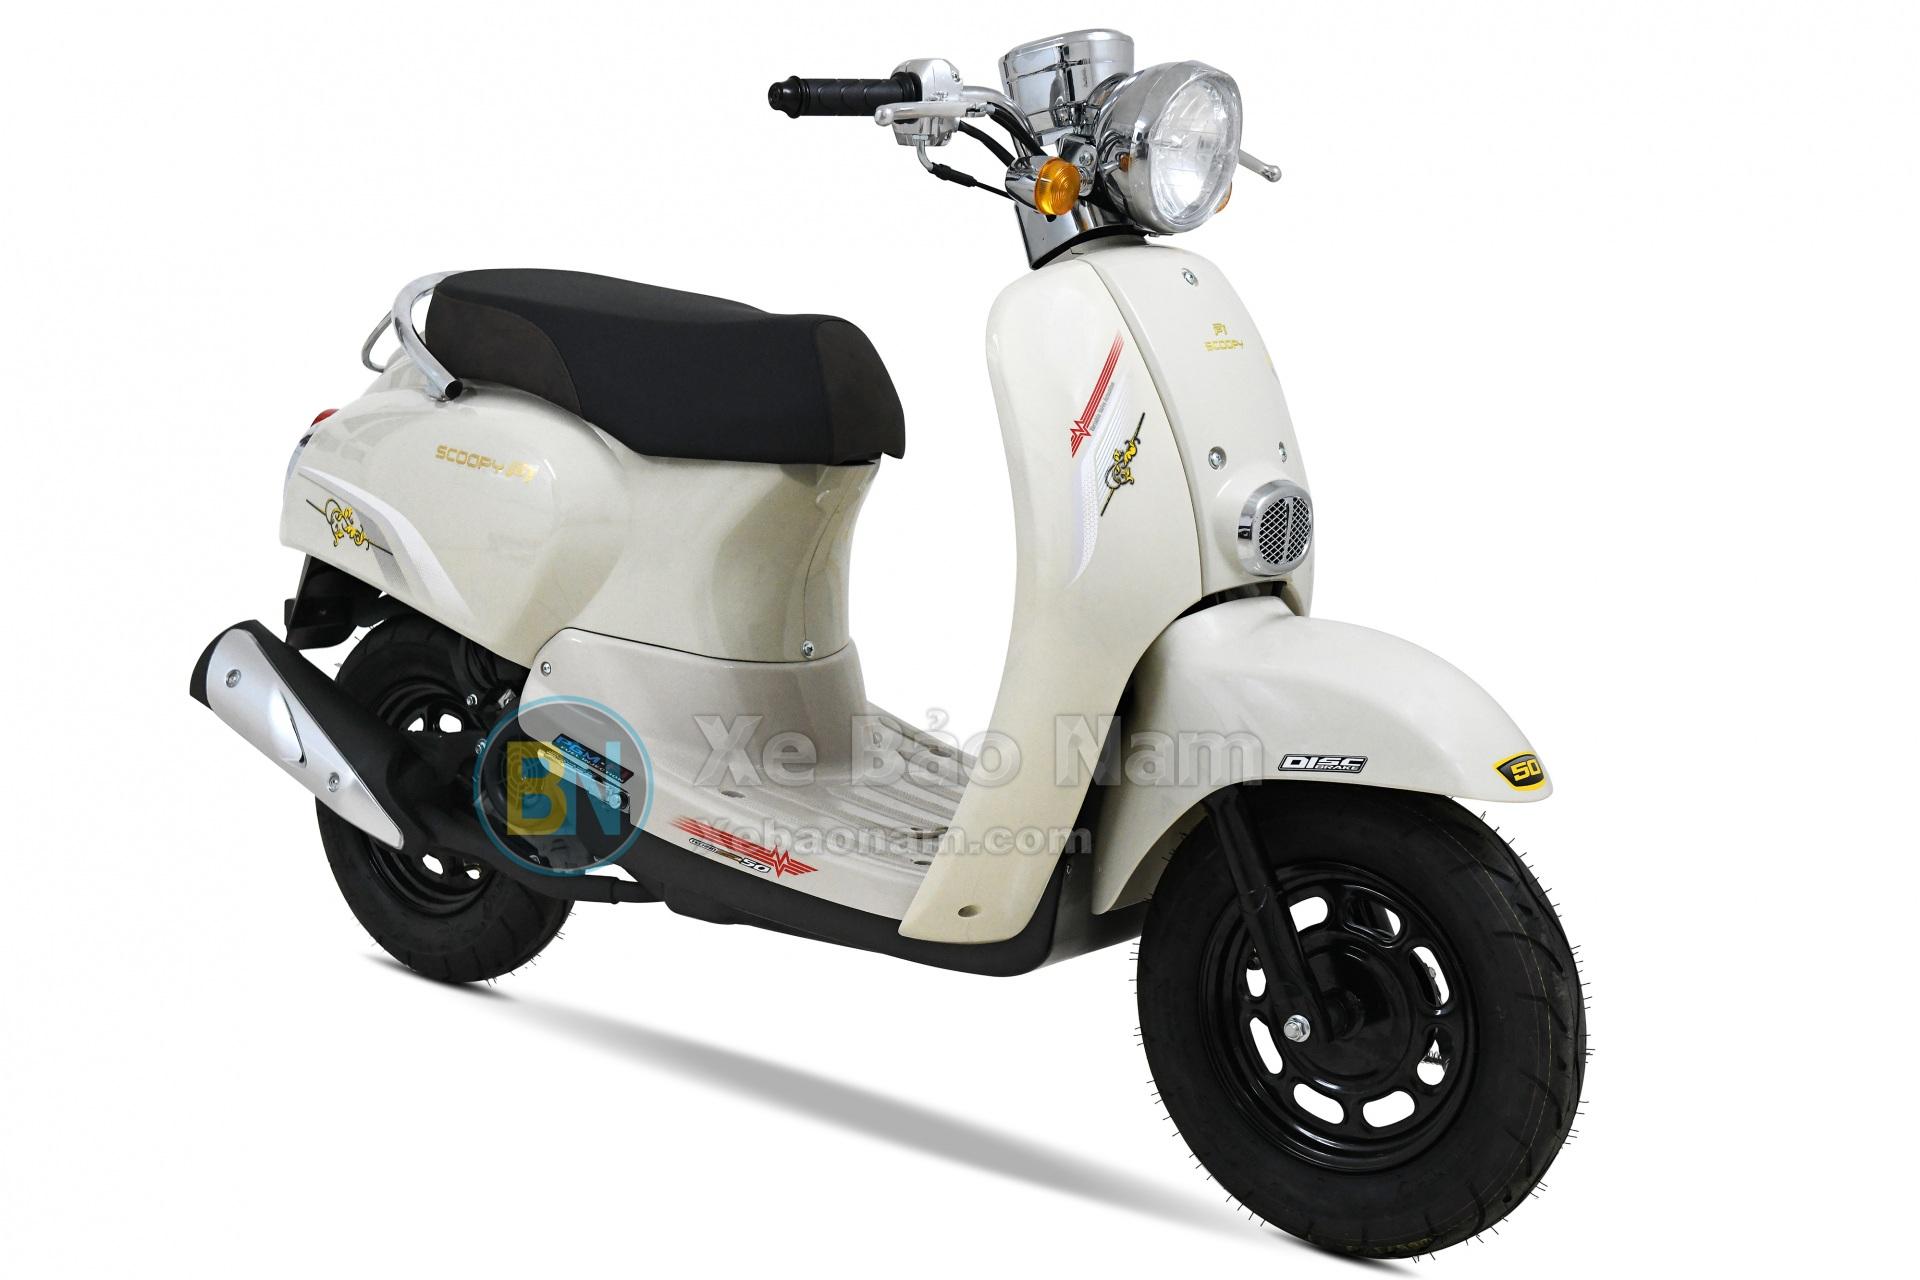 xe-ga-50cc-crea-honda-1